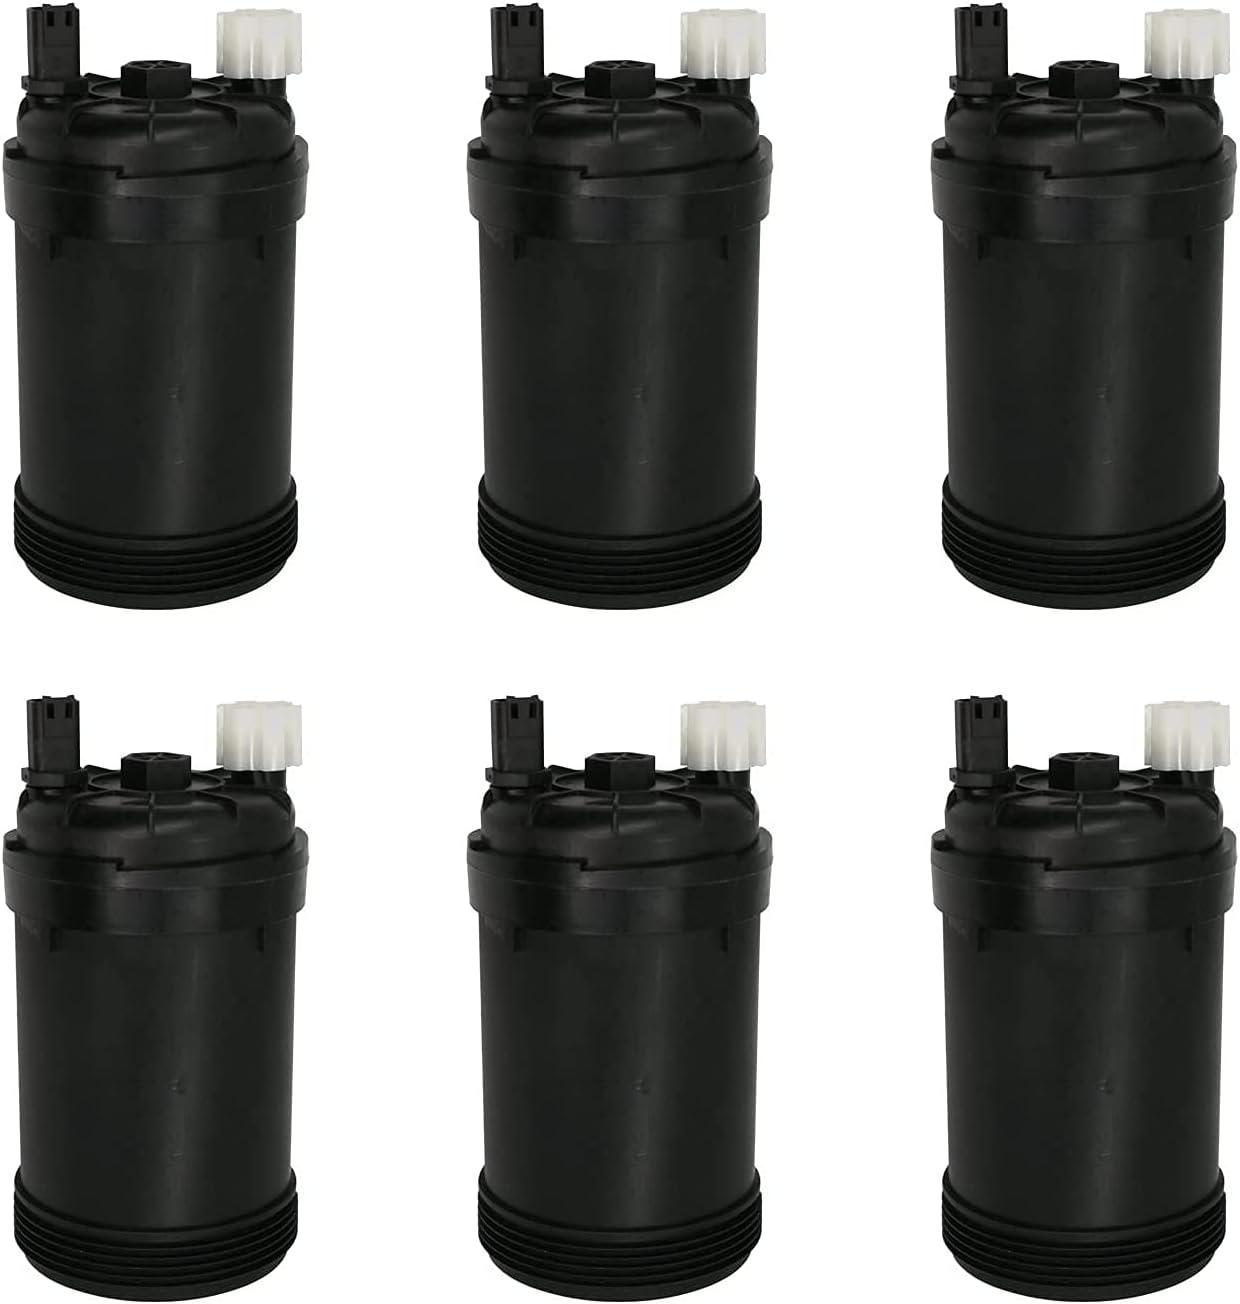 Ranking TOP14 Max 48% OFF REGFIL FS1098 5319680 5308722 FS20038 Wat fleetguard Fuel Filter